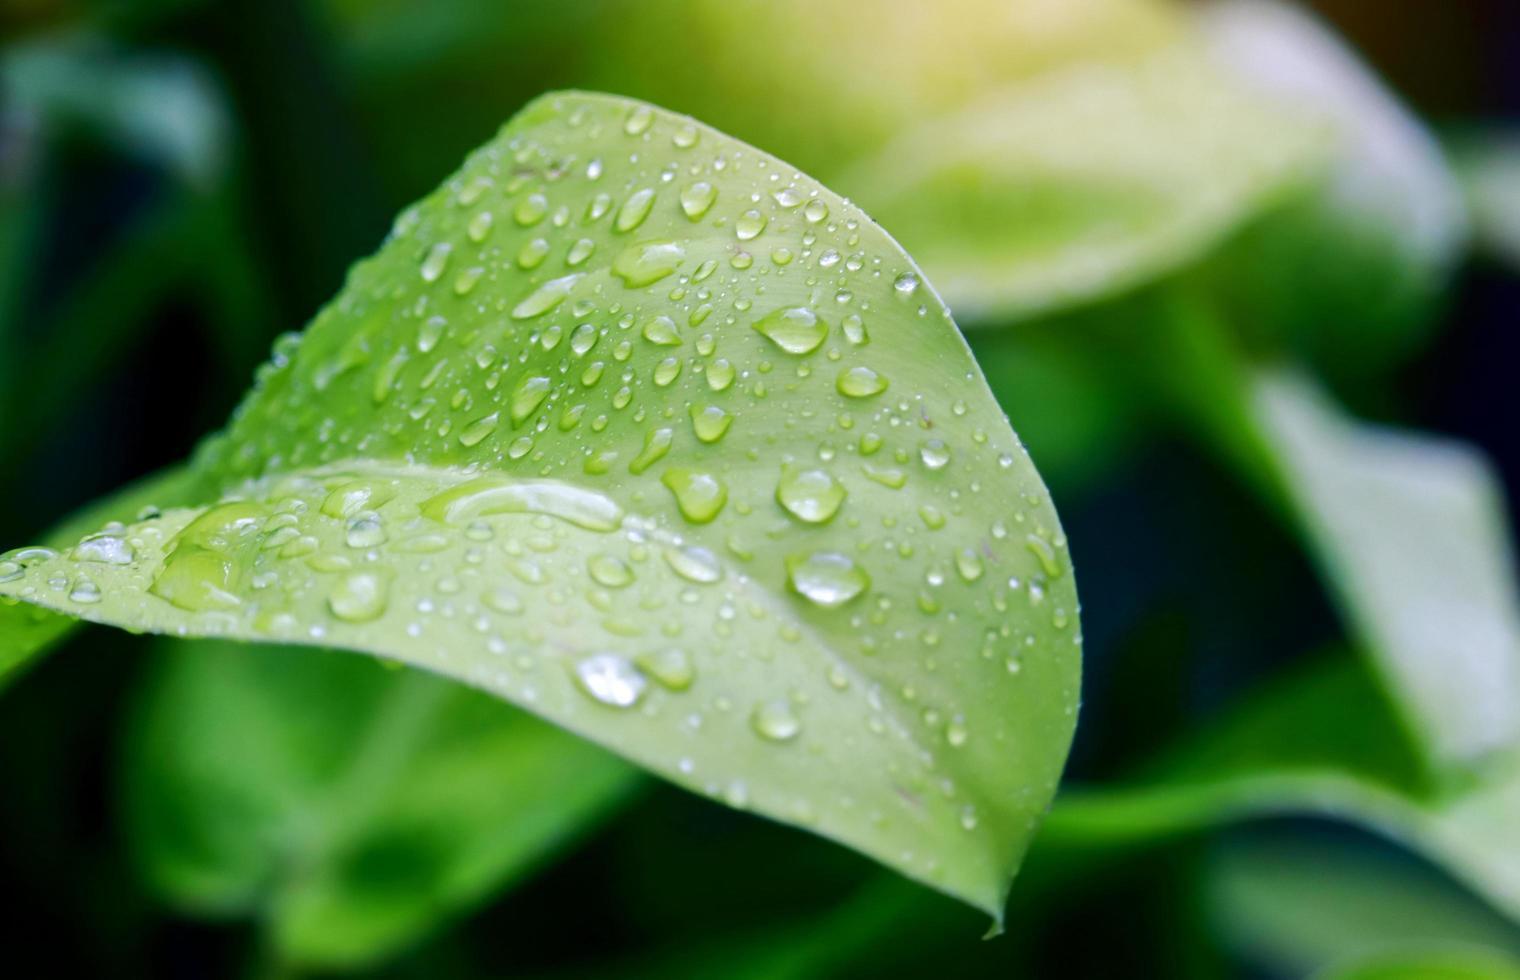 gouttelettes d'eau sur les feuilles vertes photo